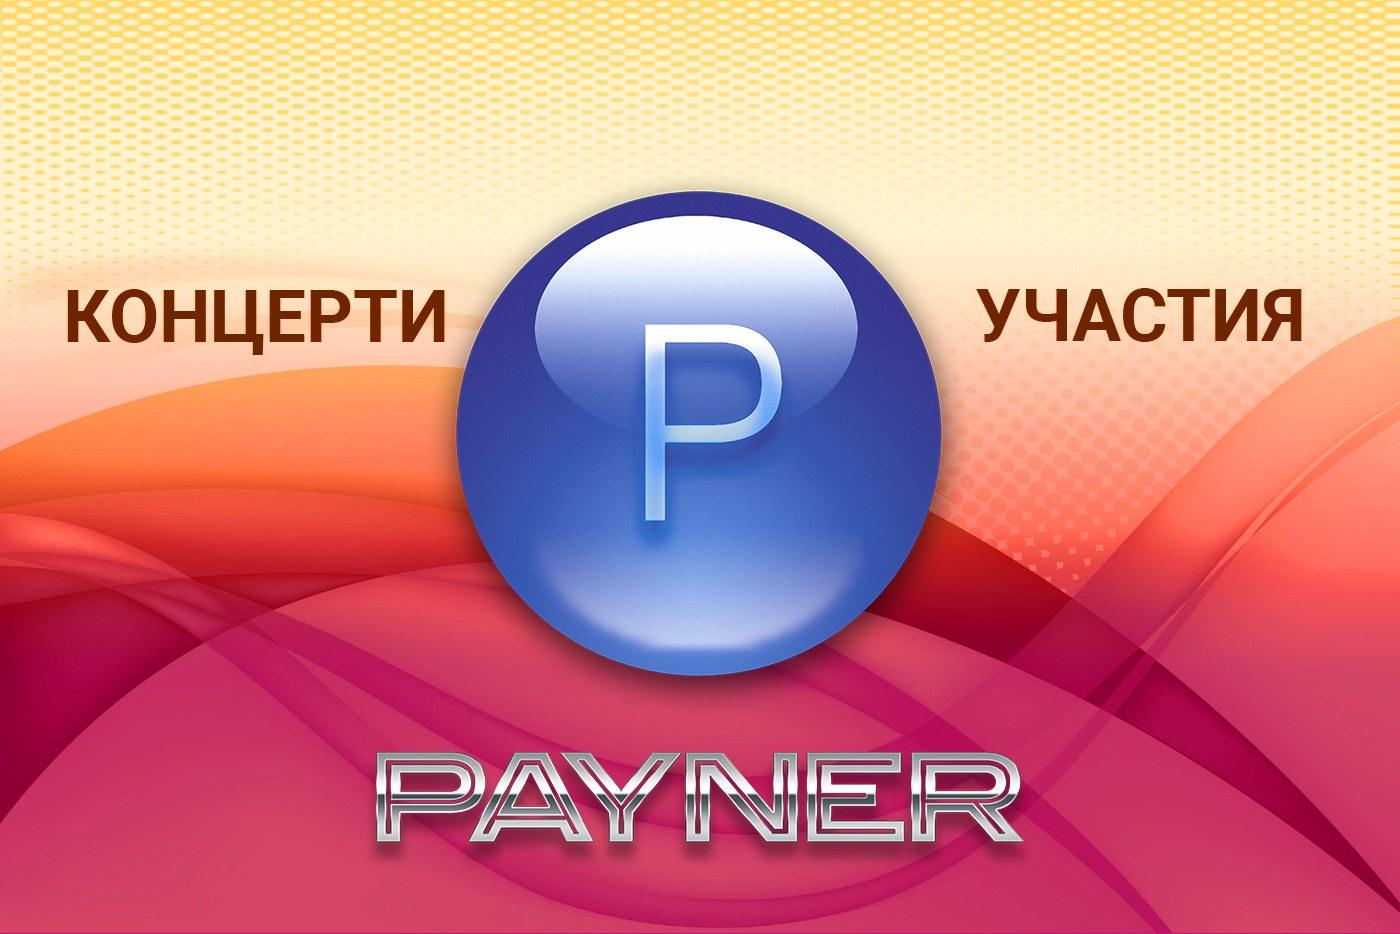 """Участия на звездите на """"Пайнер"""" на 17.11.2018"""